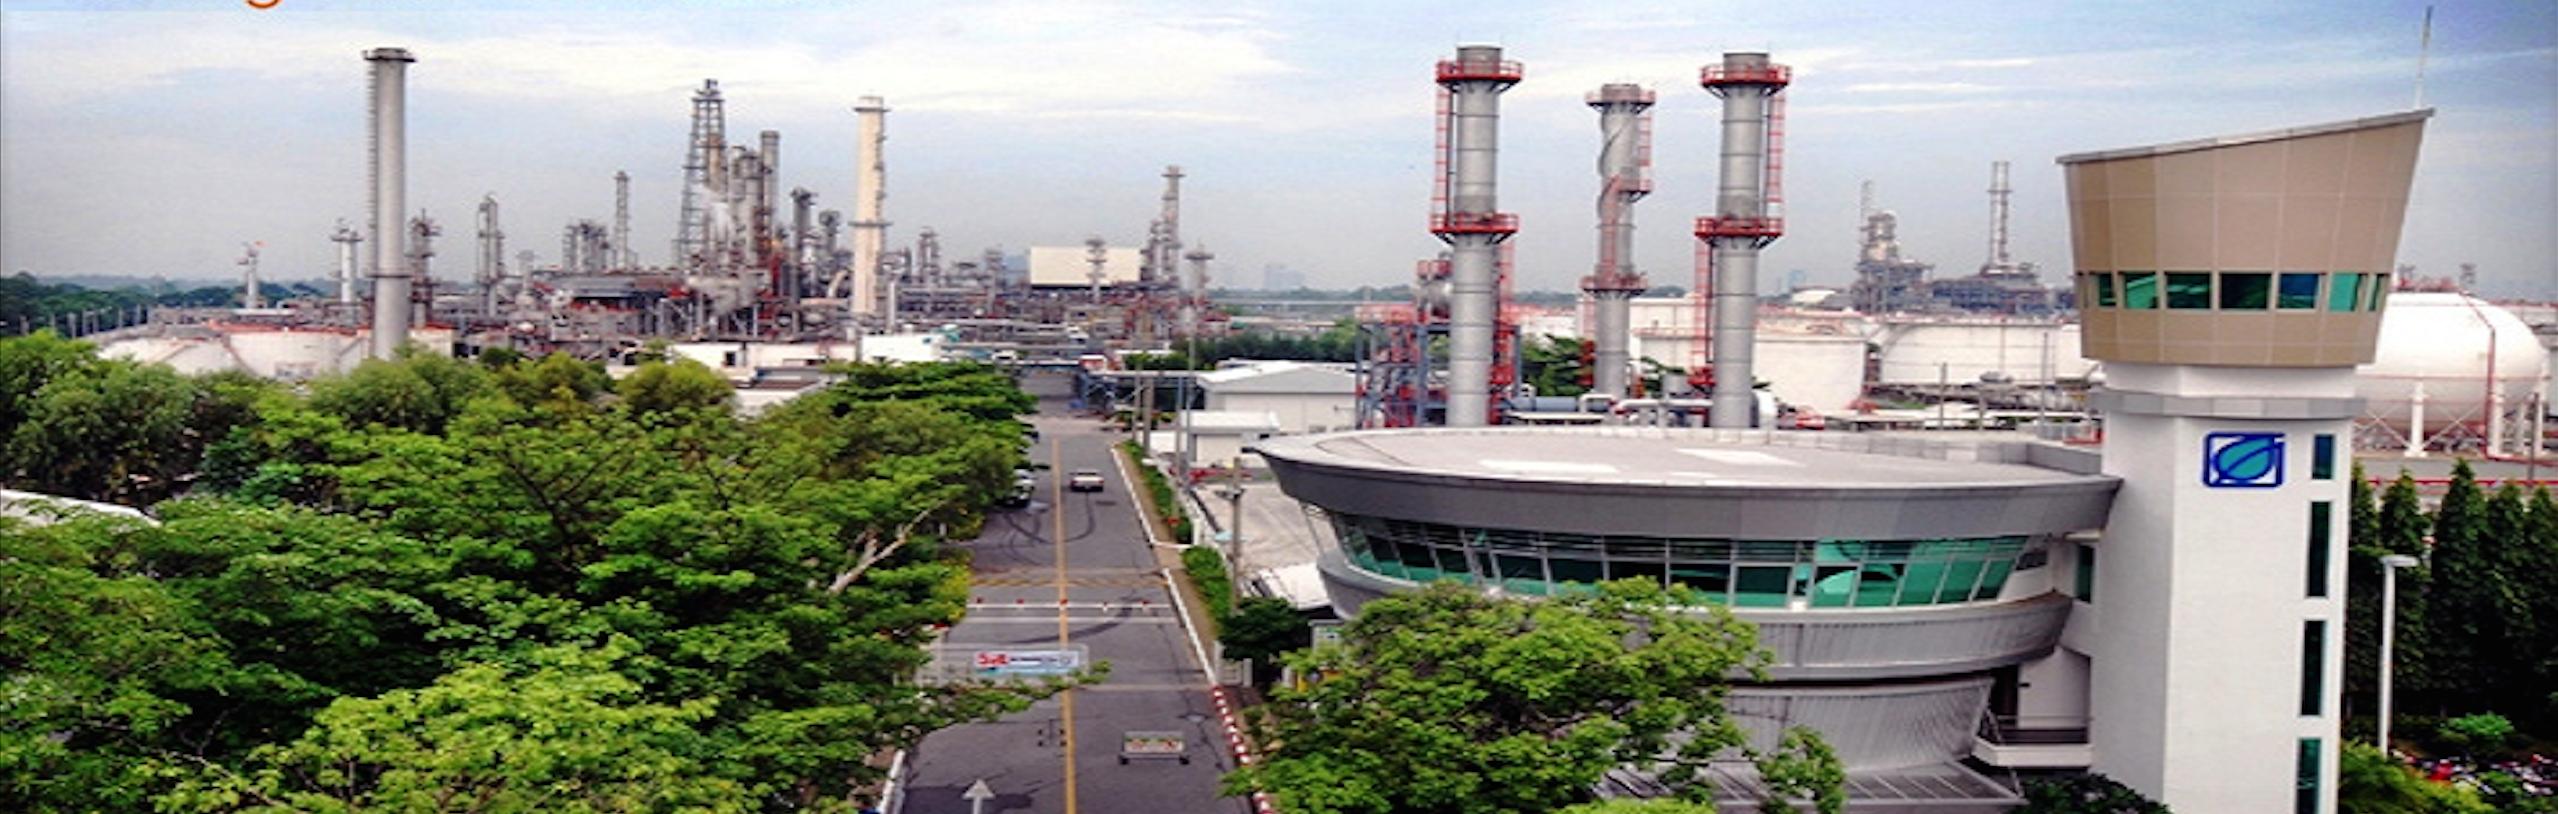 Nhớt thủy lực BCP Thái Lan nhập khẩu - HYDRAULITE AW 68 - 18L tặng dung dịch súc béc dầu Bcp Diesel Fuel Conditioner 200ml